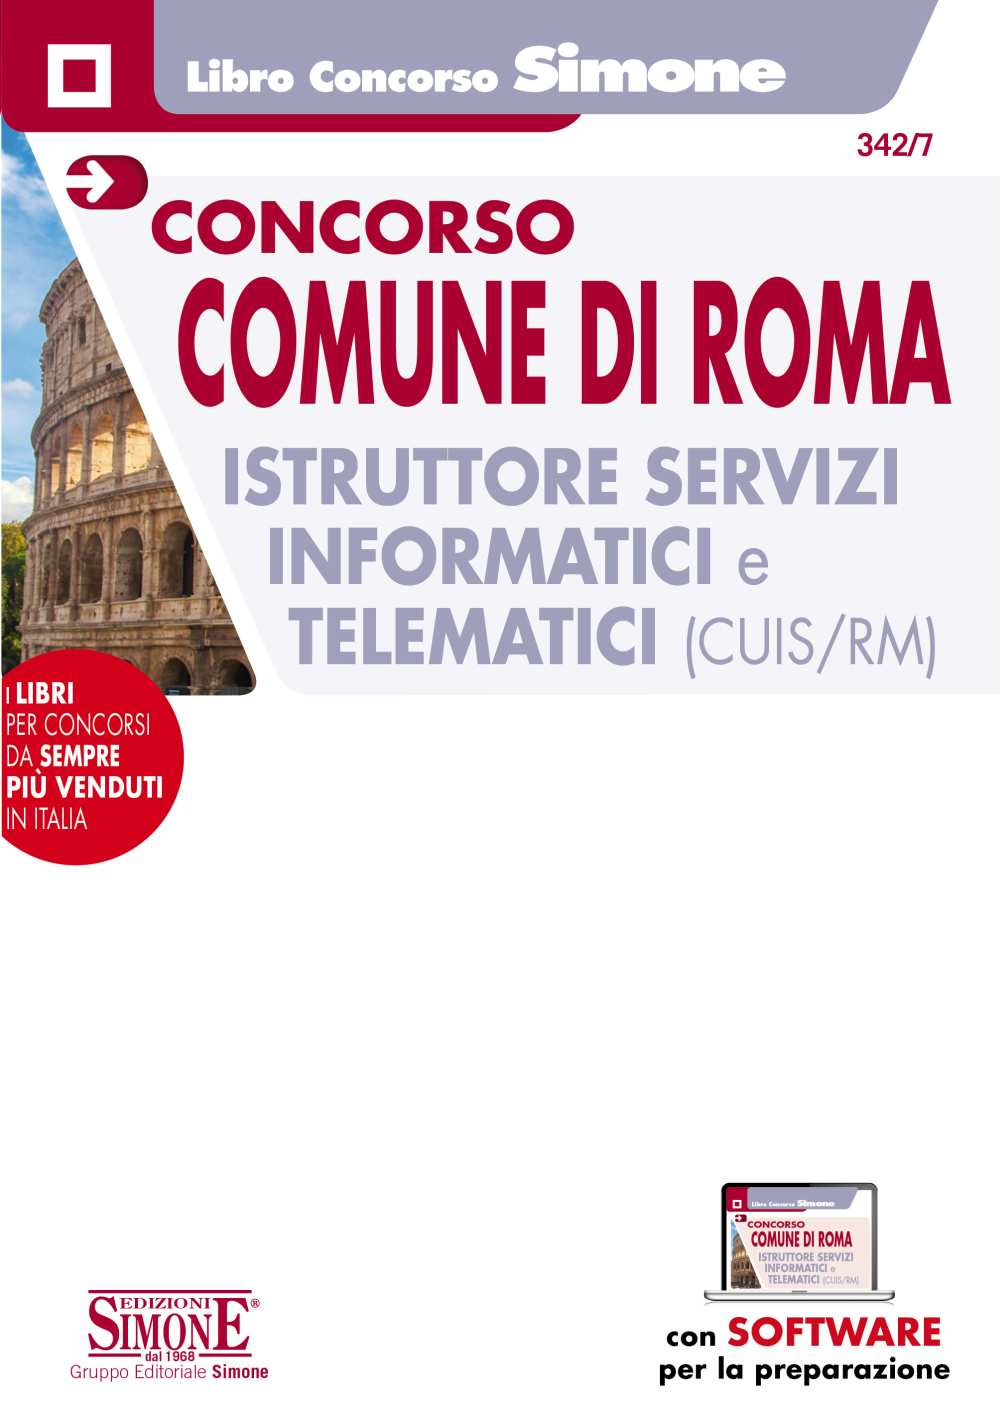 Istruttore servizi Informatici e telematici